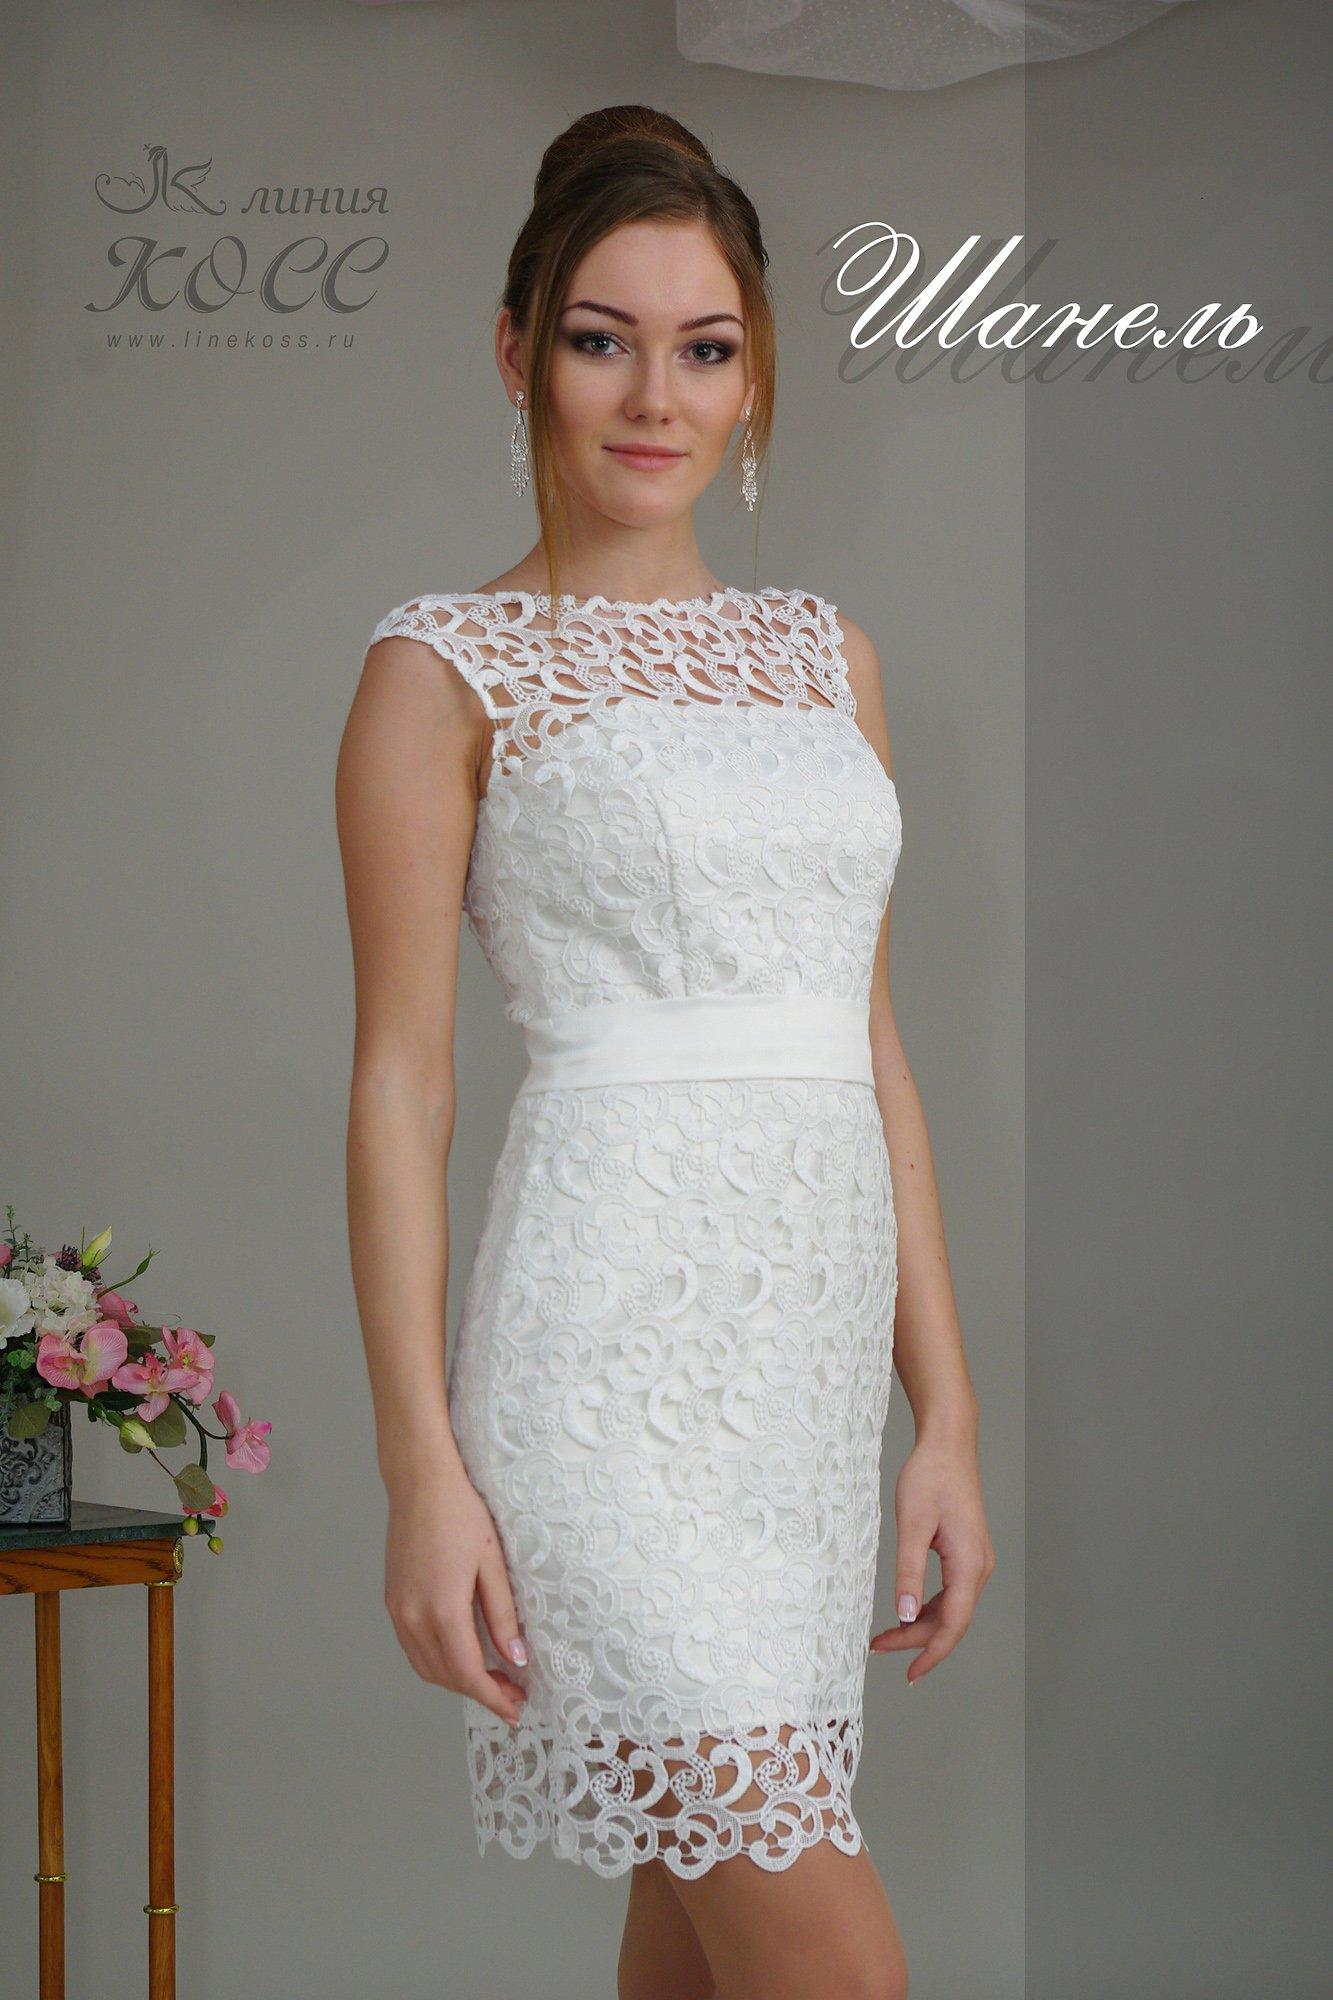 d7b77ccd7f2 Вечернее платье Linia Koss Шанель ▷ Свадебный Торговый Центр Вега в ...